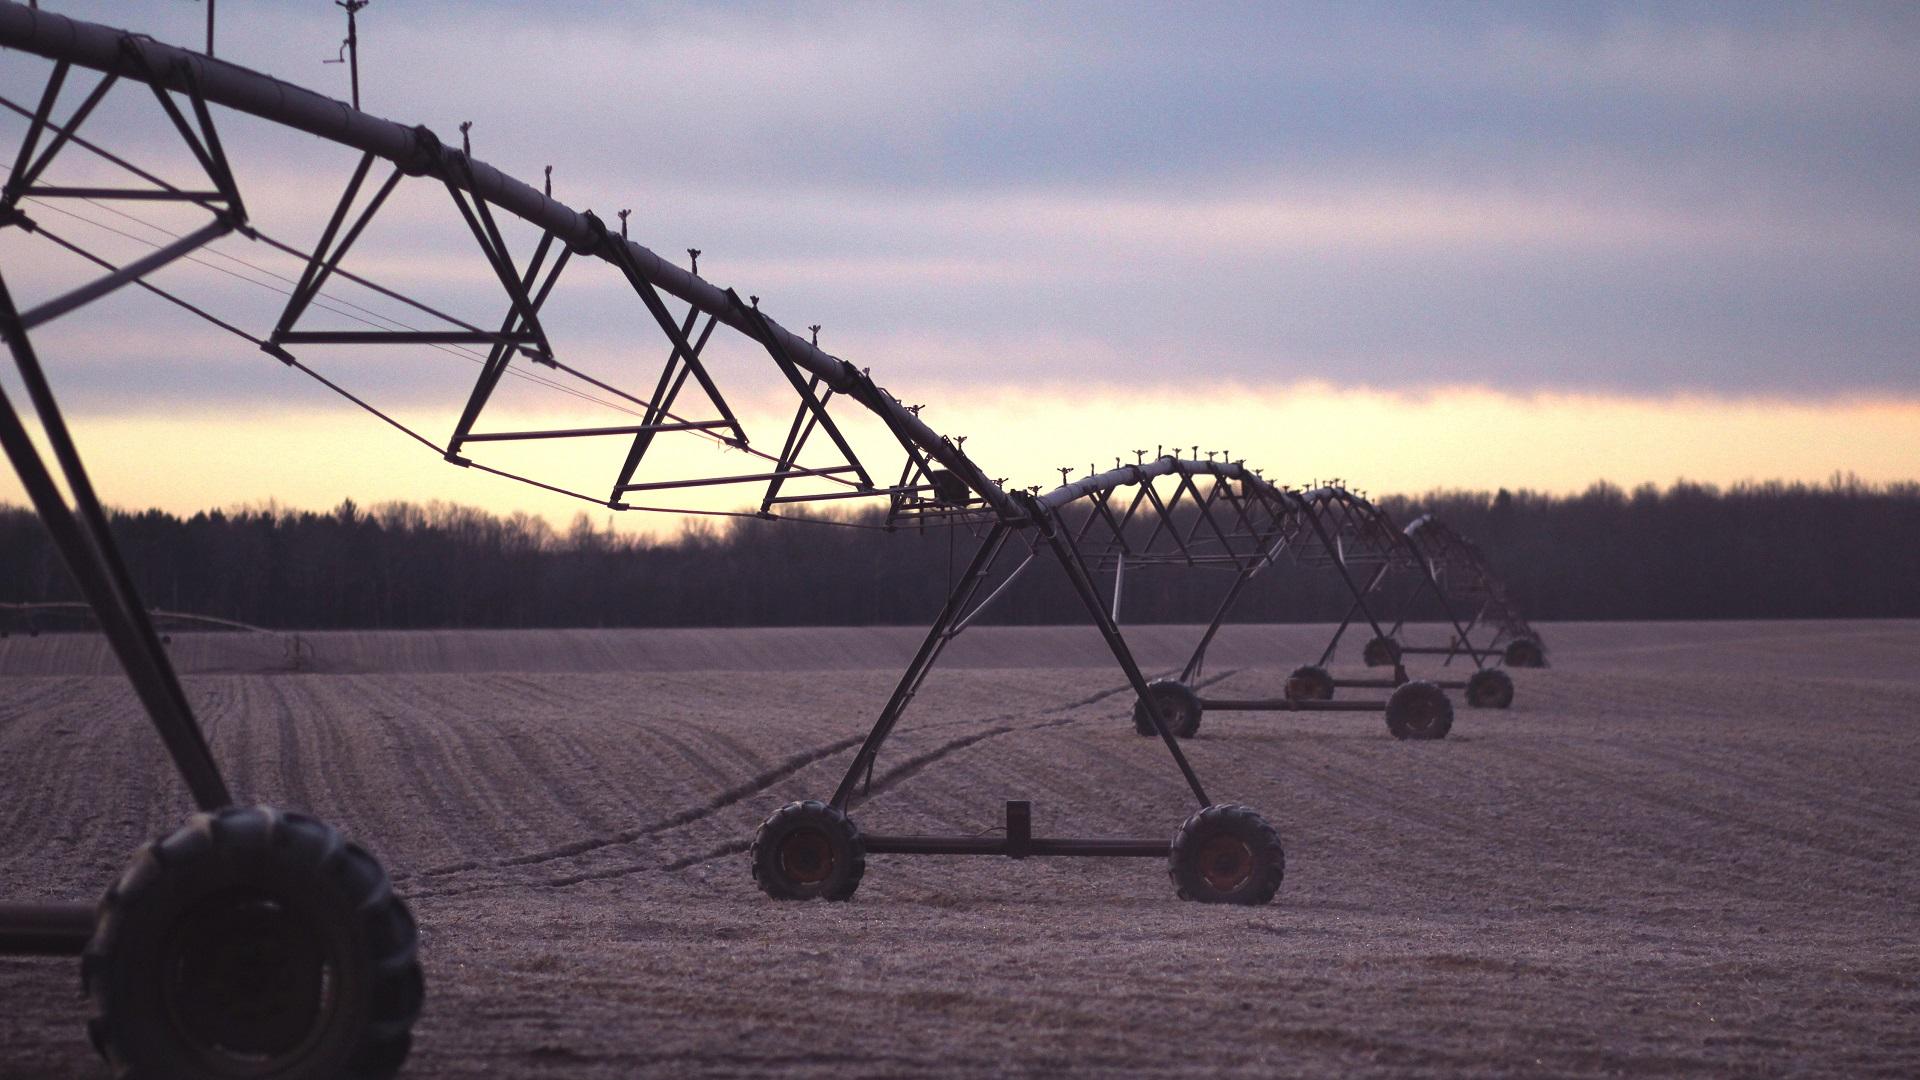 Sistema utilizado en la agricultura. Foto de Nicole Harrington / Unsplash